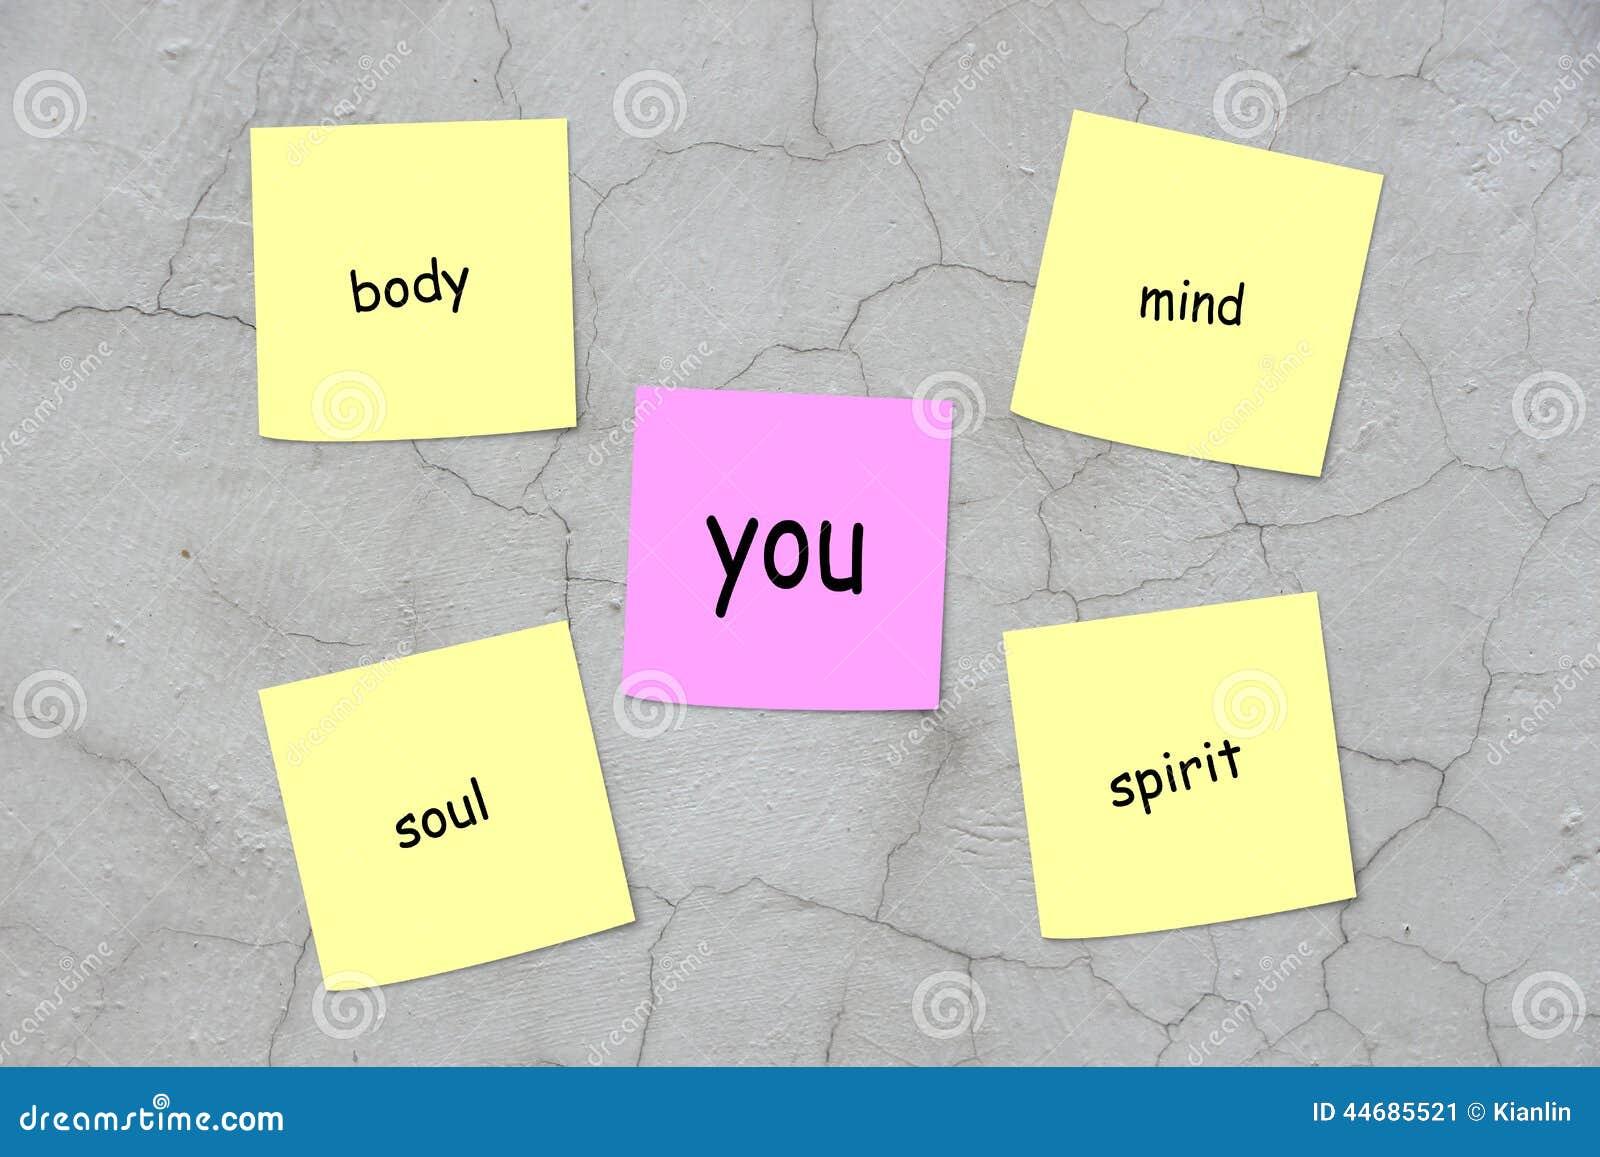 Carrocería, mente, alma, alcohol y usted